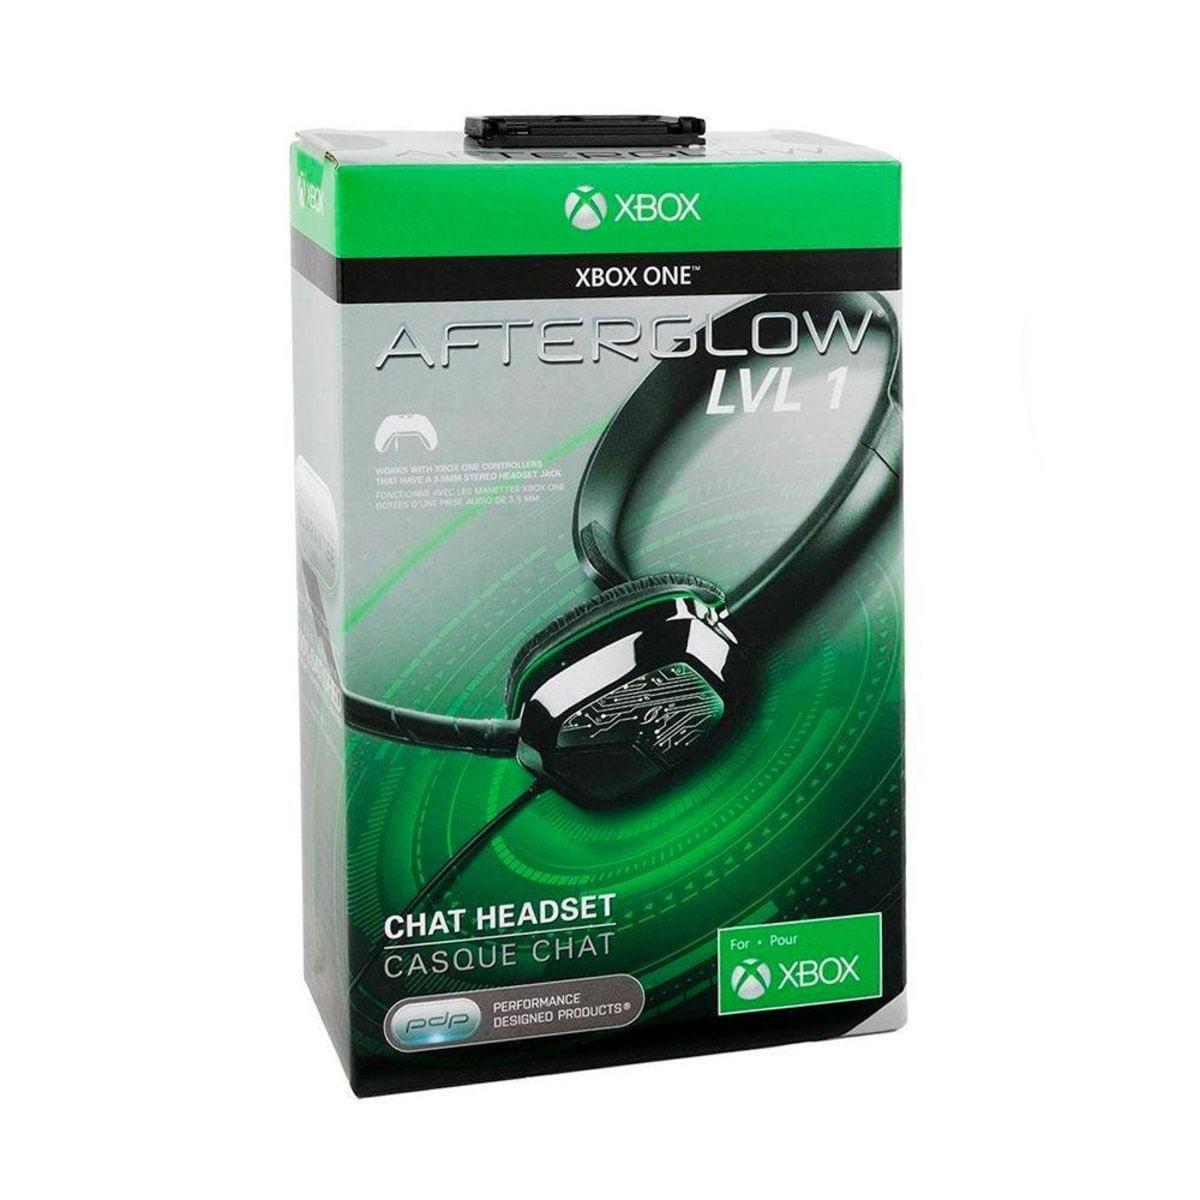 Fone de Ouvido Headset Gamer Afterglow Lvl 1 Verde Pdp